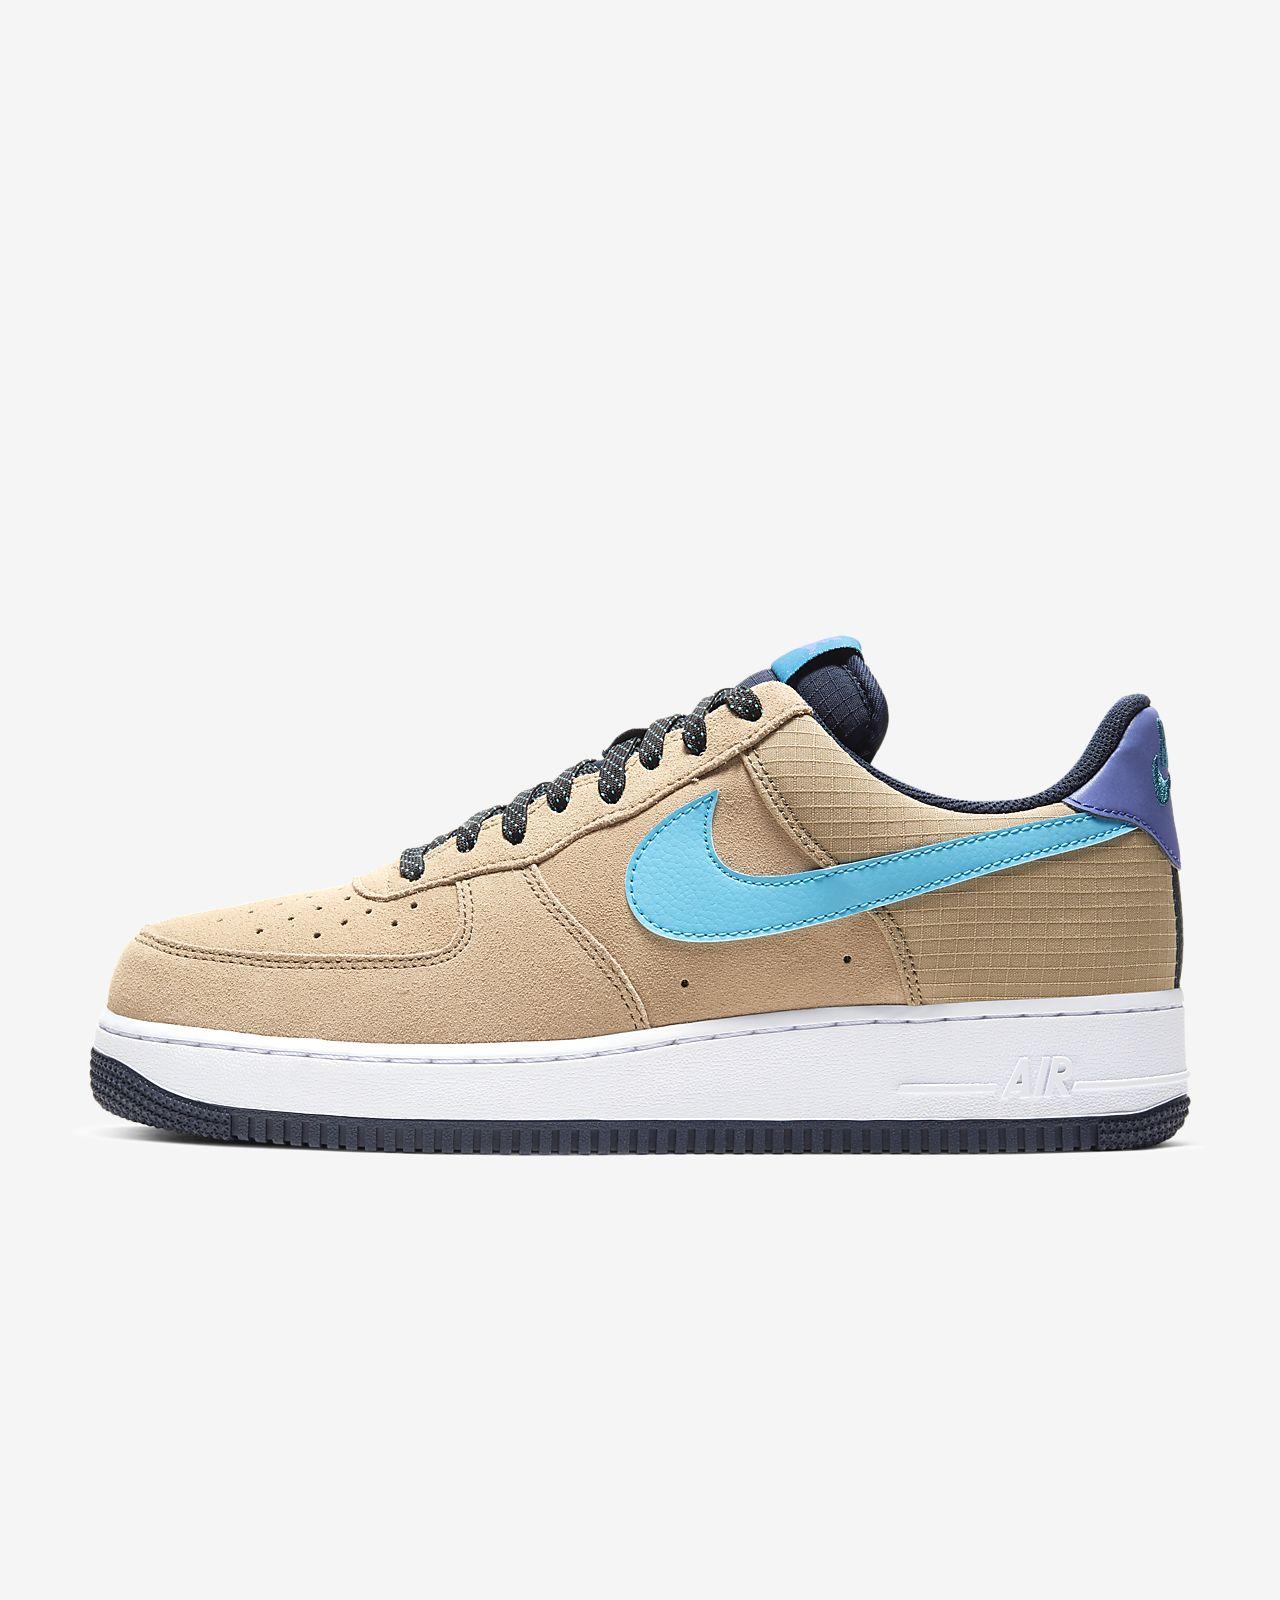 Nike Air Force 1 '07 LV8 2 男子运动鞋